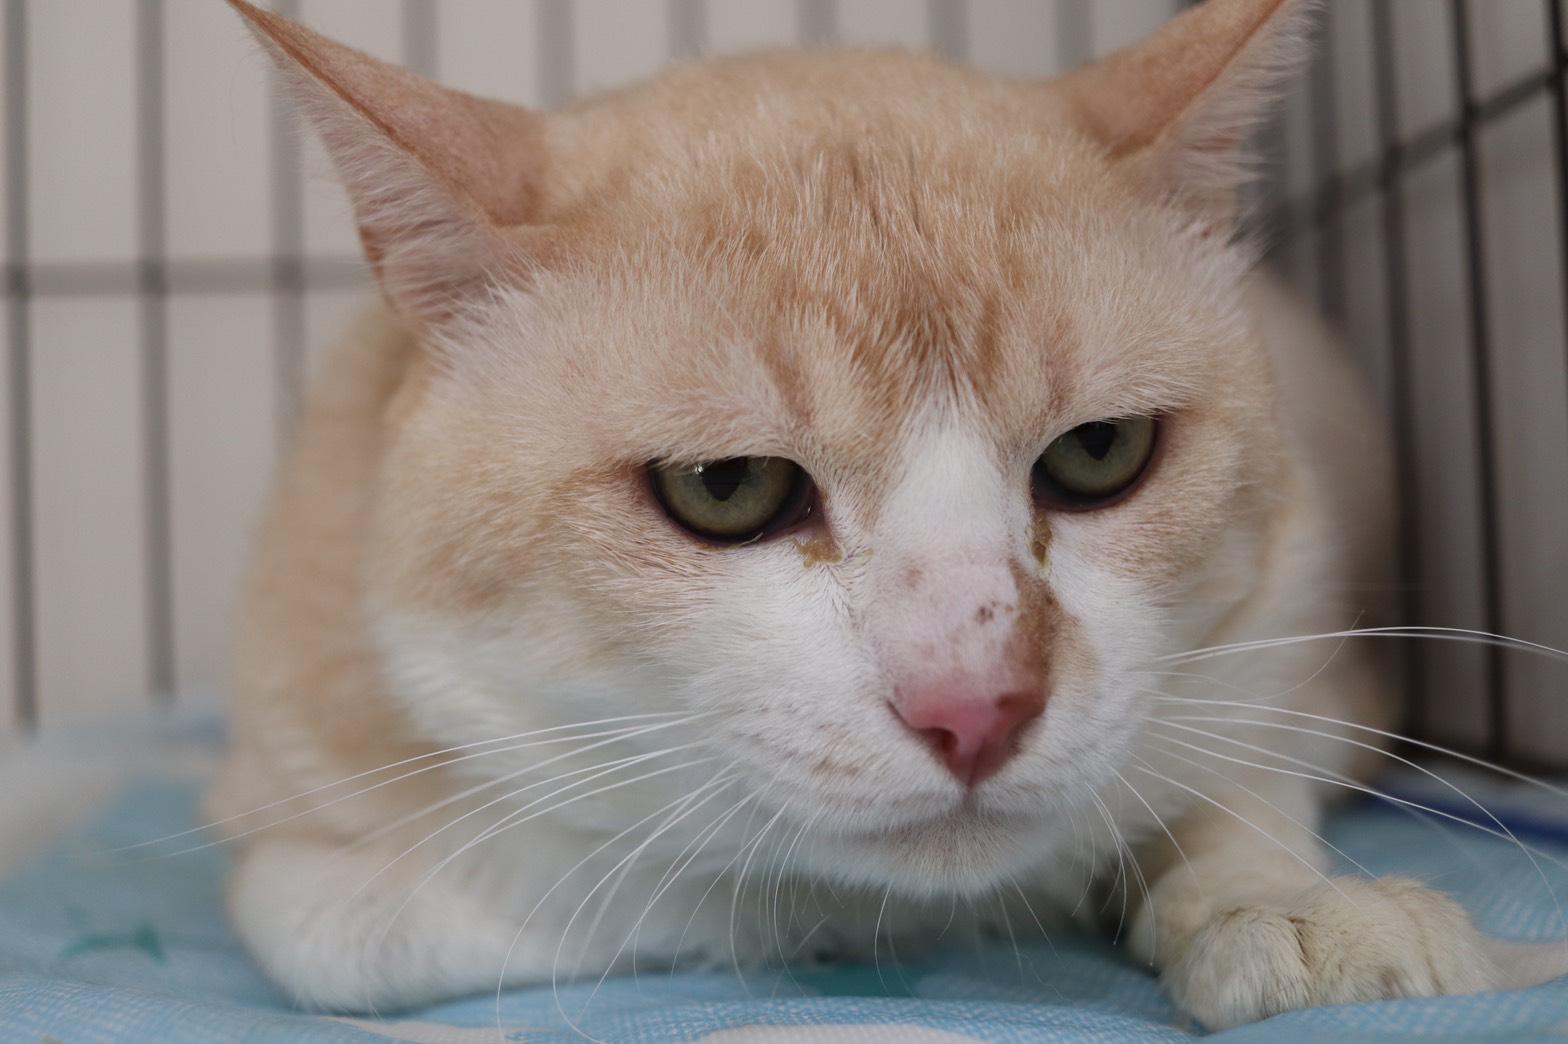 <ul> <li>猫種:日本猫(茶白)</li> <li>性別:男の子</li> <li>名前:コハク</li> <li>年齢:2013年7月10日頃生まれ</li> <li>保護経緯:飼い主が逝去したため、飼育困難になりました</li> </ul>